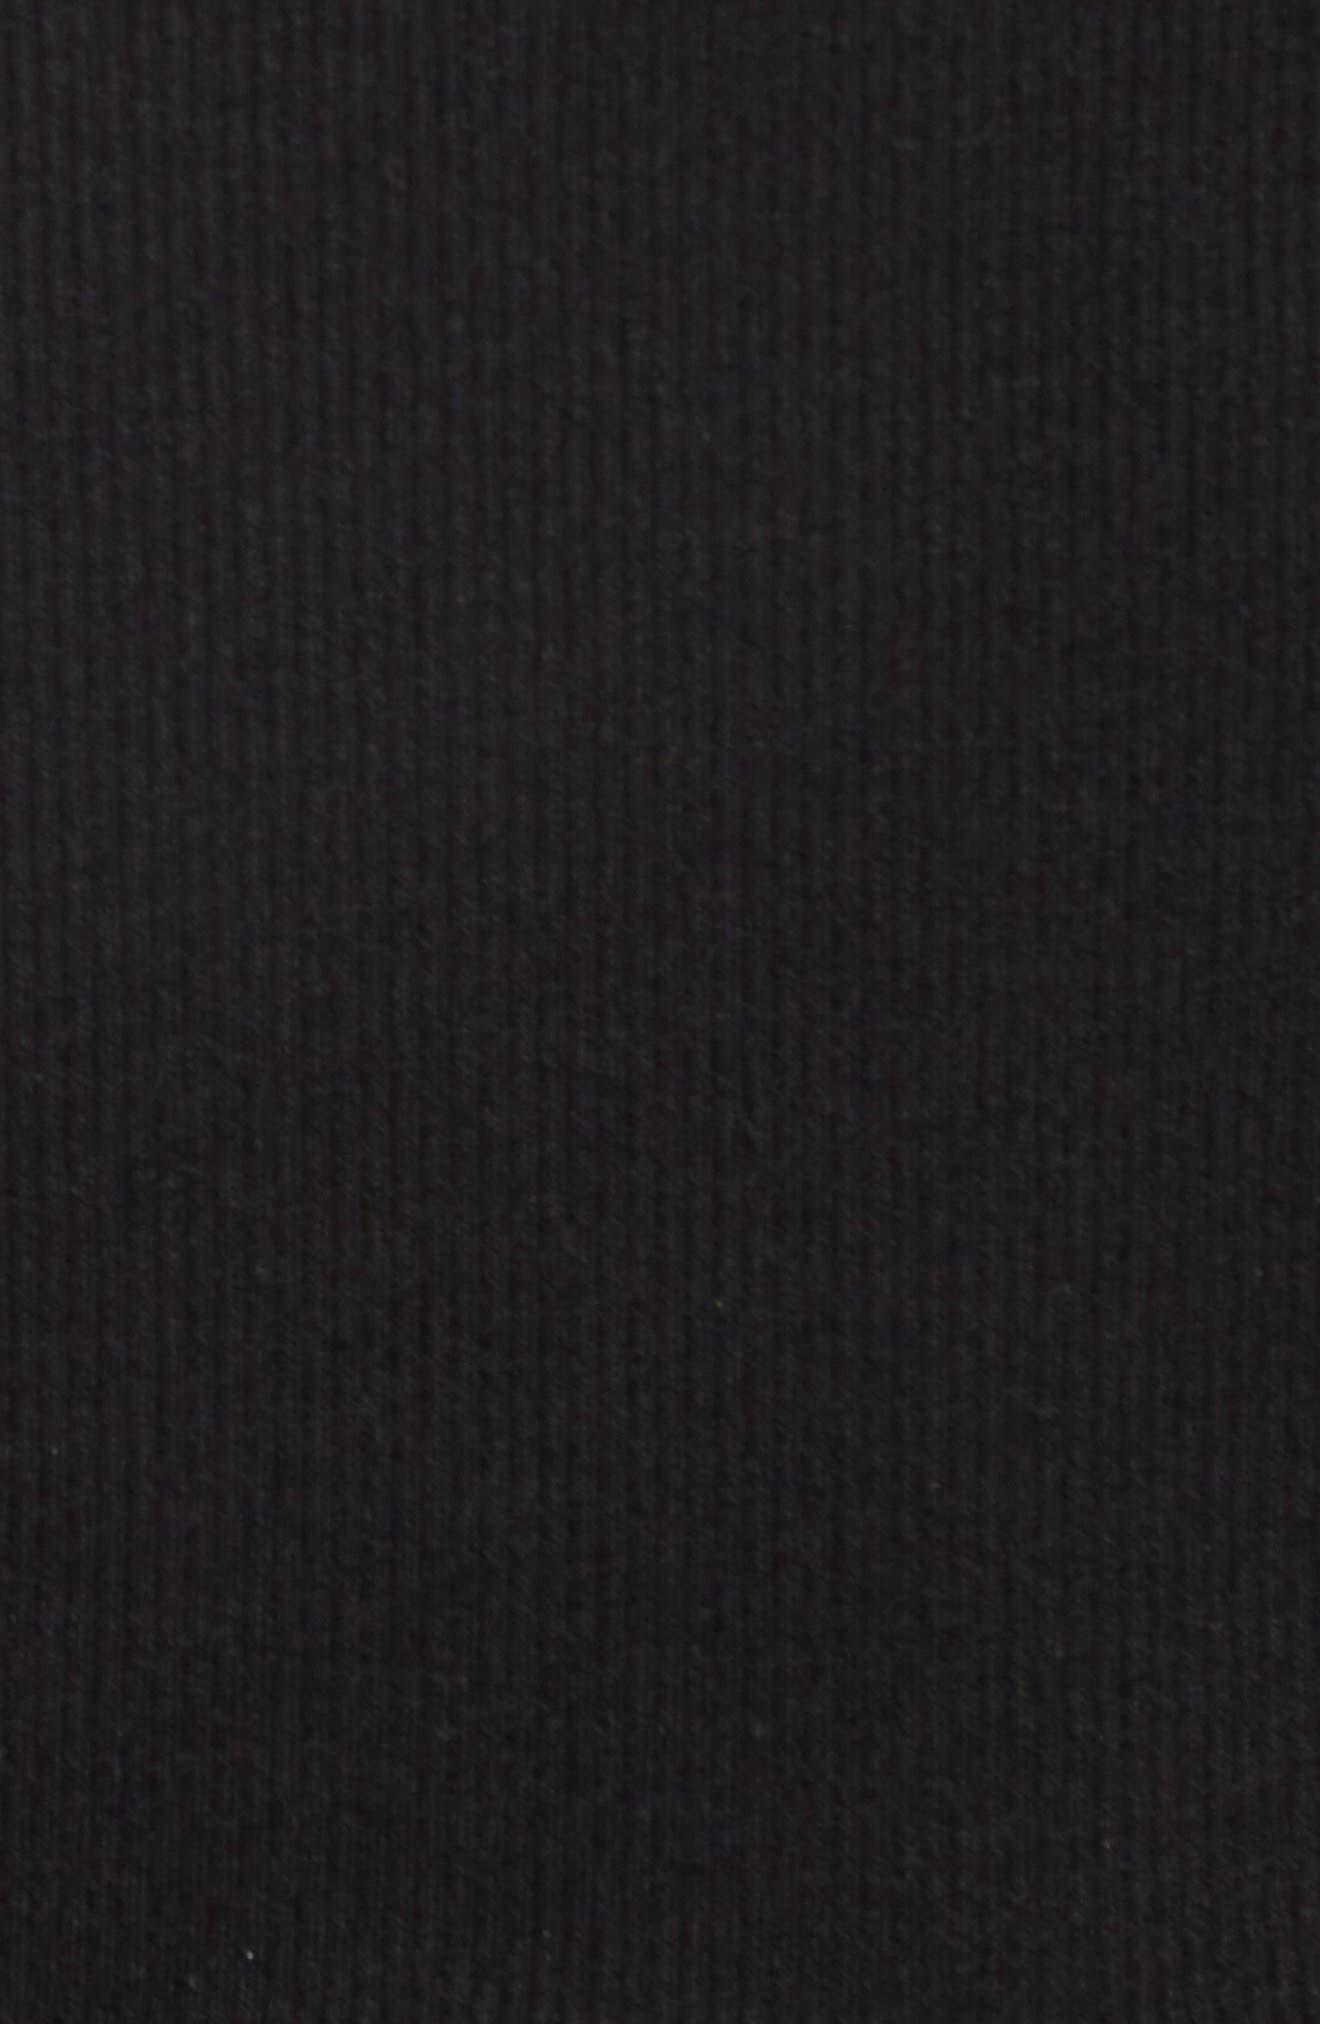 Ruffle Rib Knit Tank,                             Alternate thumbnail 6, color,                             001